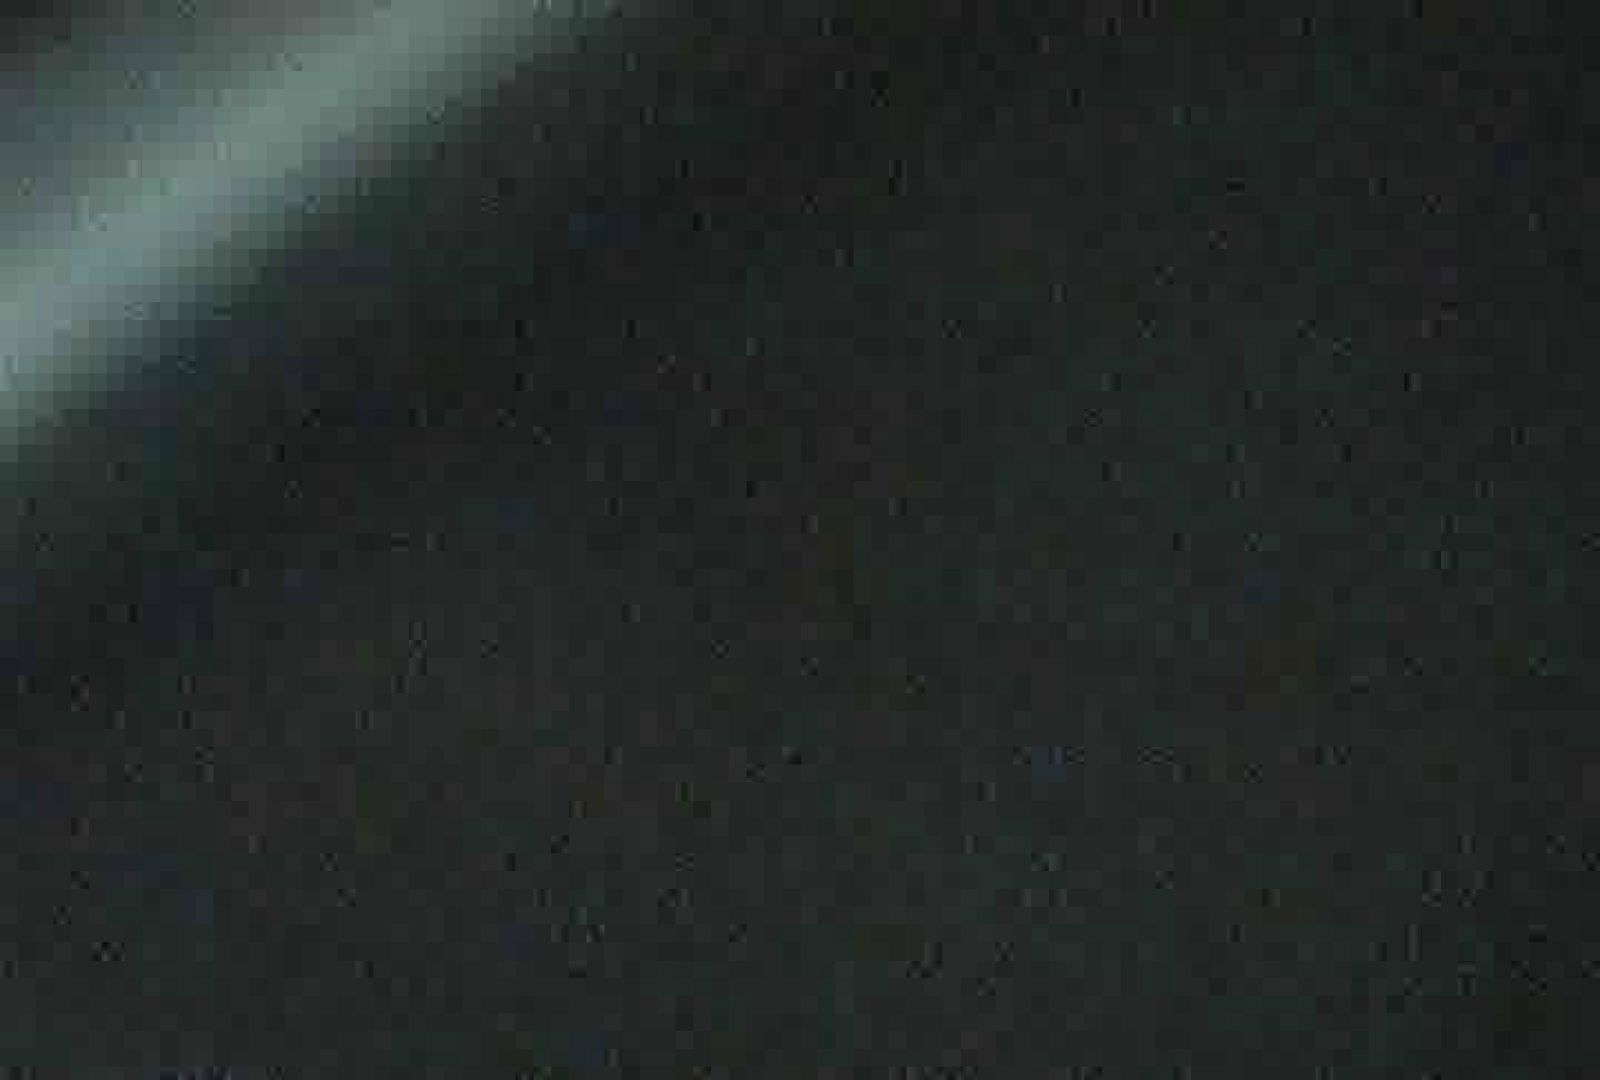 充血監督の深夜の運動会Vol.74 熟女の実態 盗撮戯れ無修正画像 96pic 35